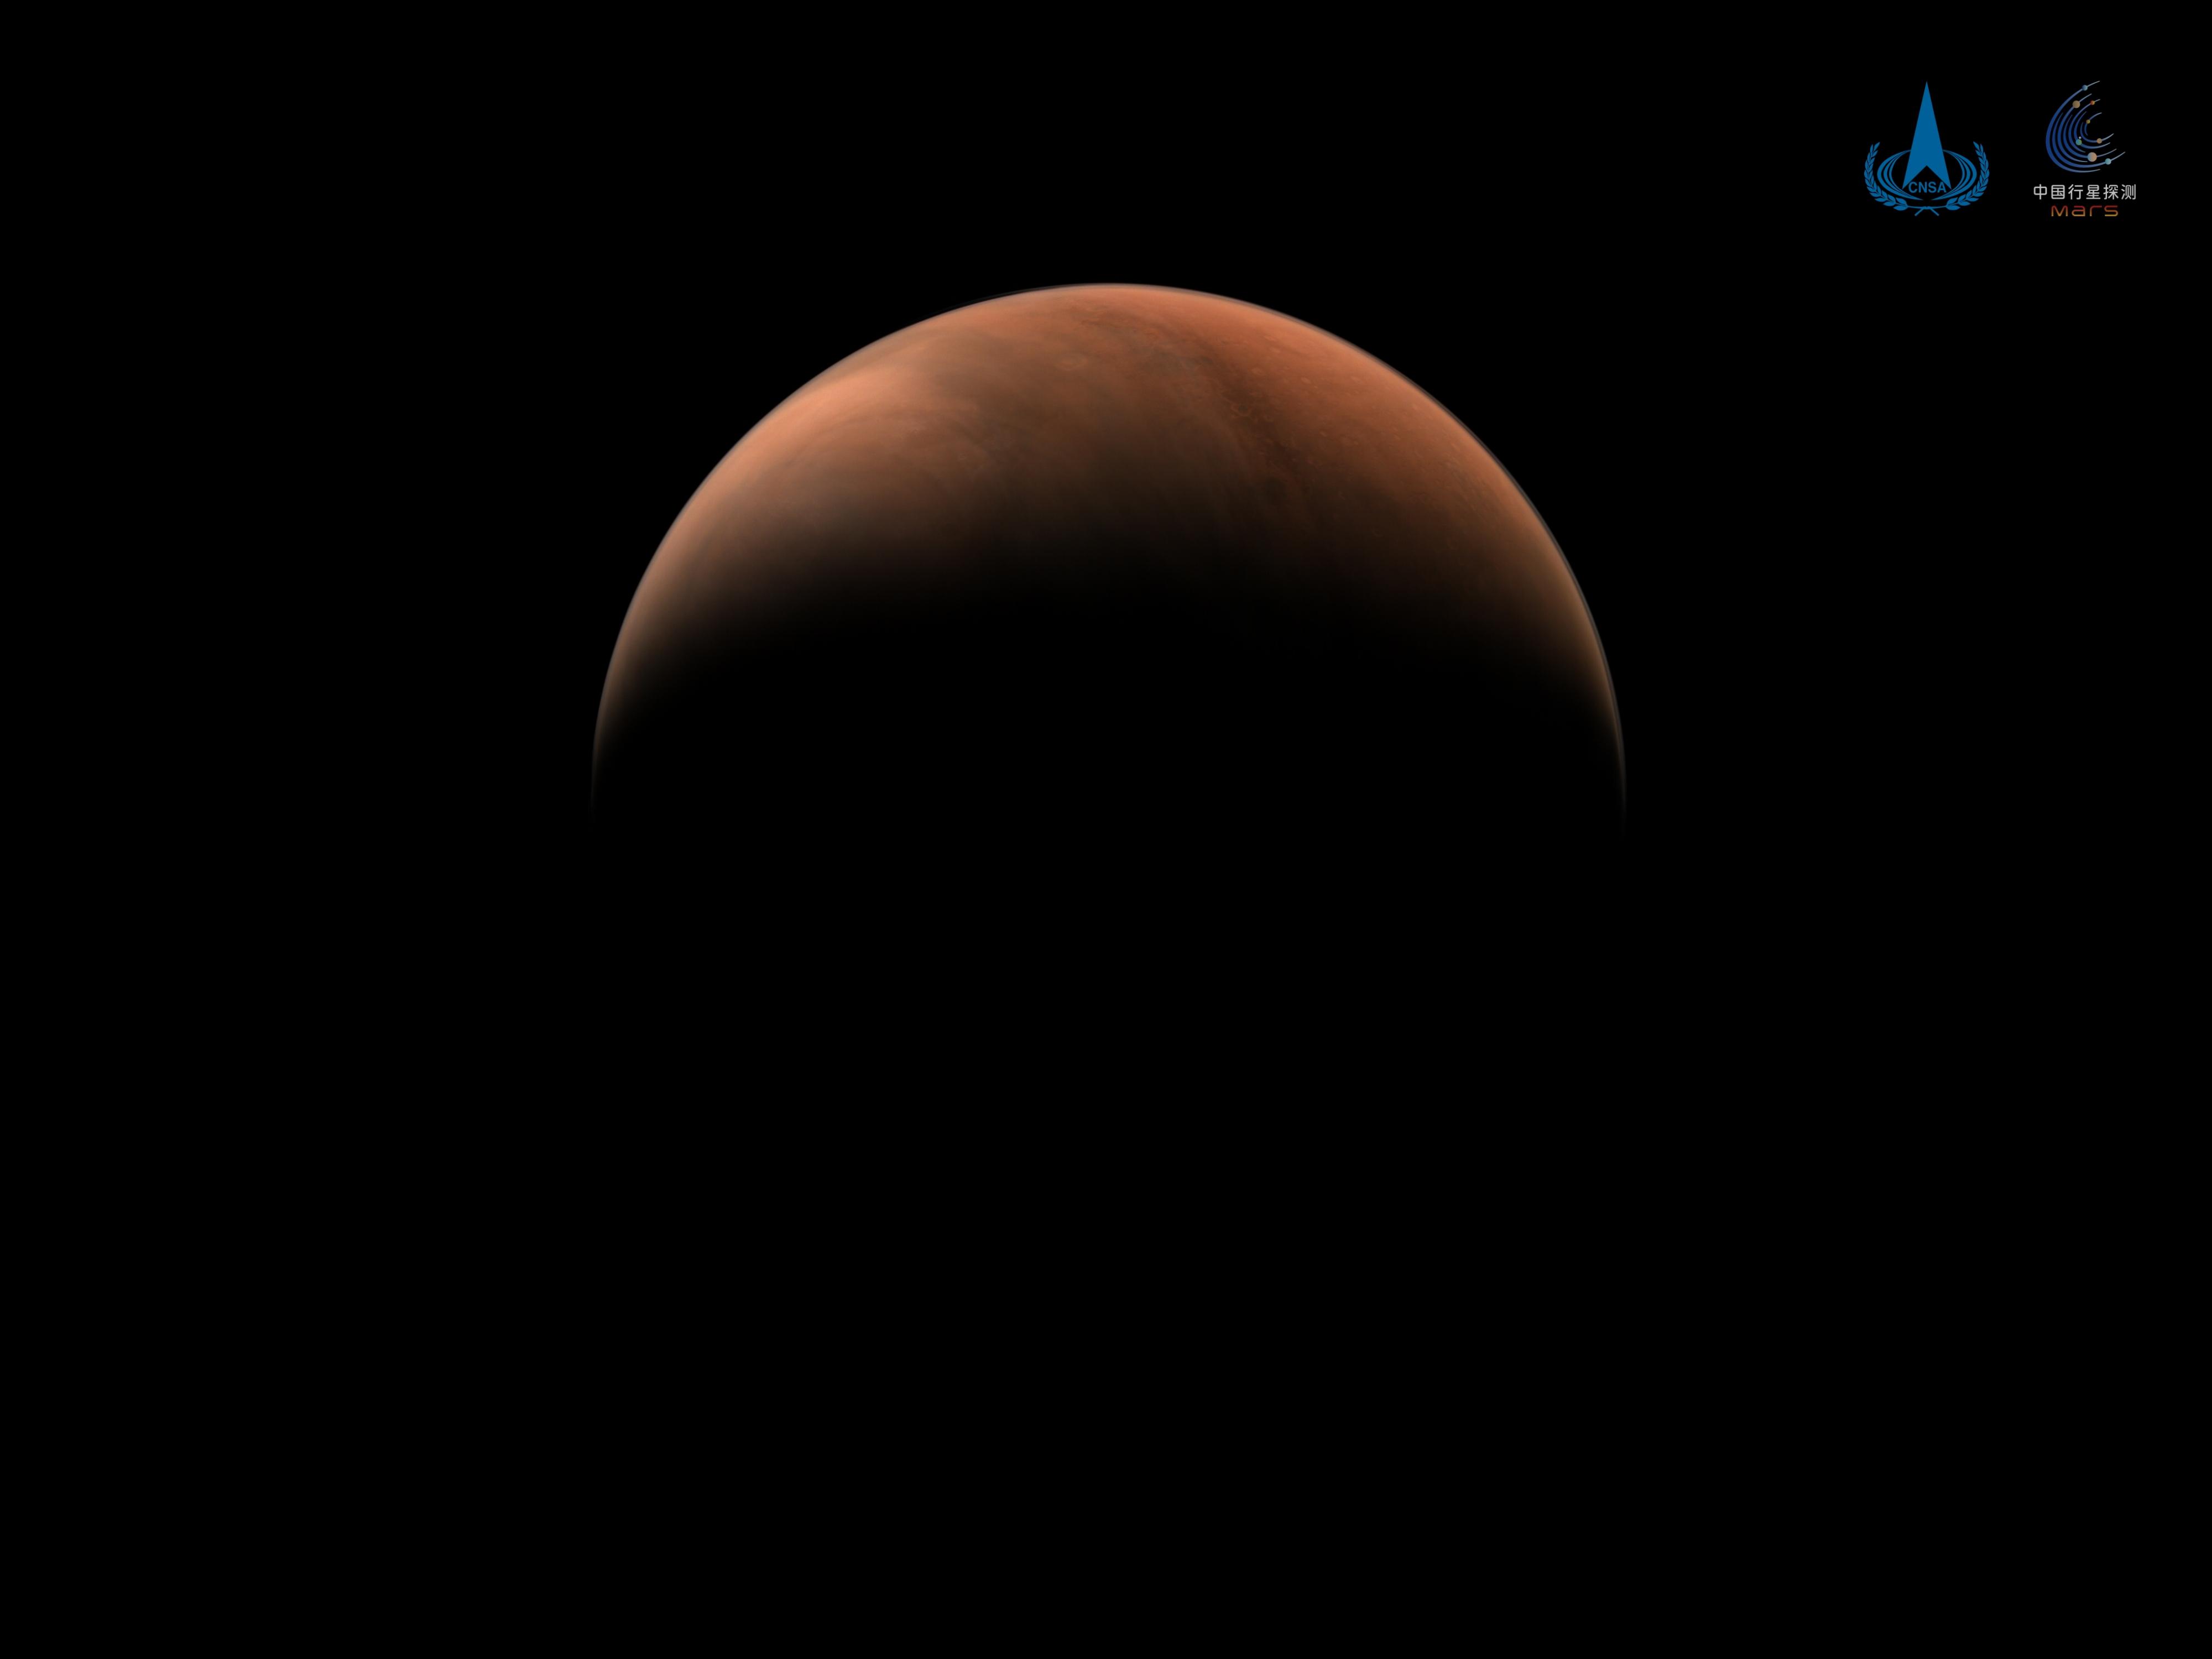 Le vaisseau spatial chinois Tianwen-1 en orbite autour de Mars a capturé cette vue imprenable d'un croissant de planète rouge le 18 mars 2021. On voit ici l'hémisphère nord de la planète à une distance de 6 850 miles (11 000 kilomètres).